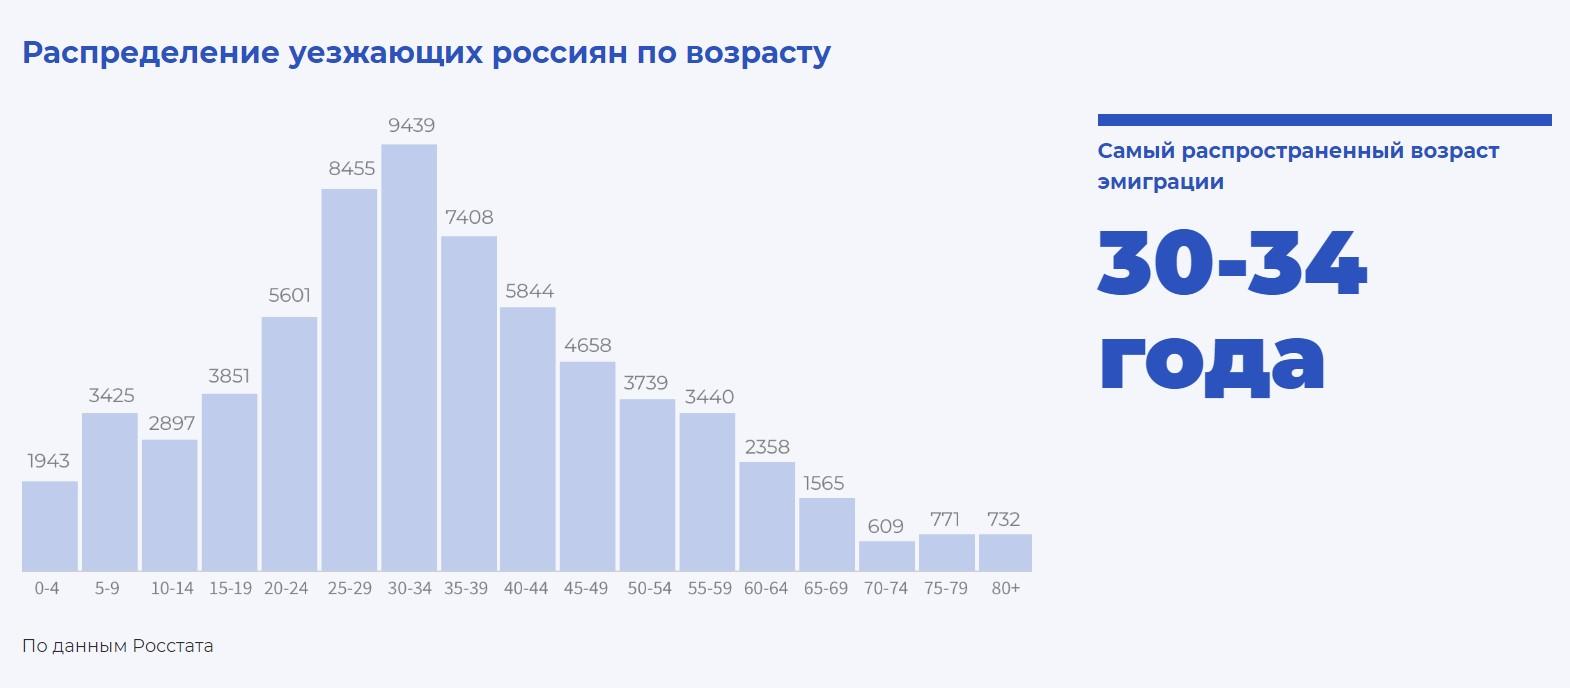 emigratsiya-iz-rossii-statistika-2019-2